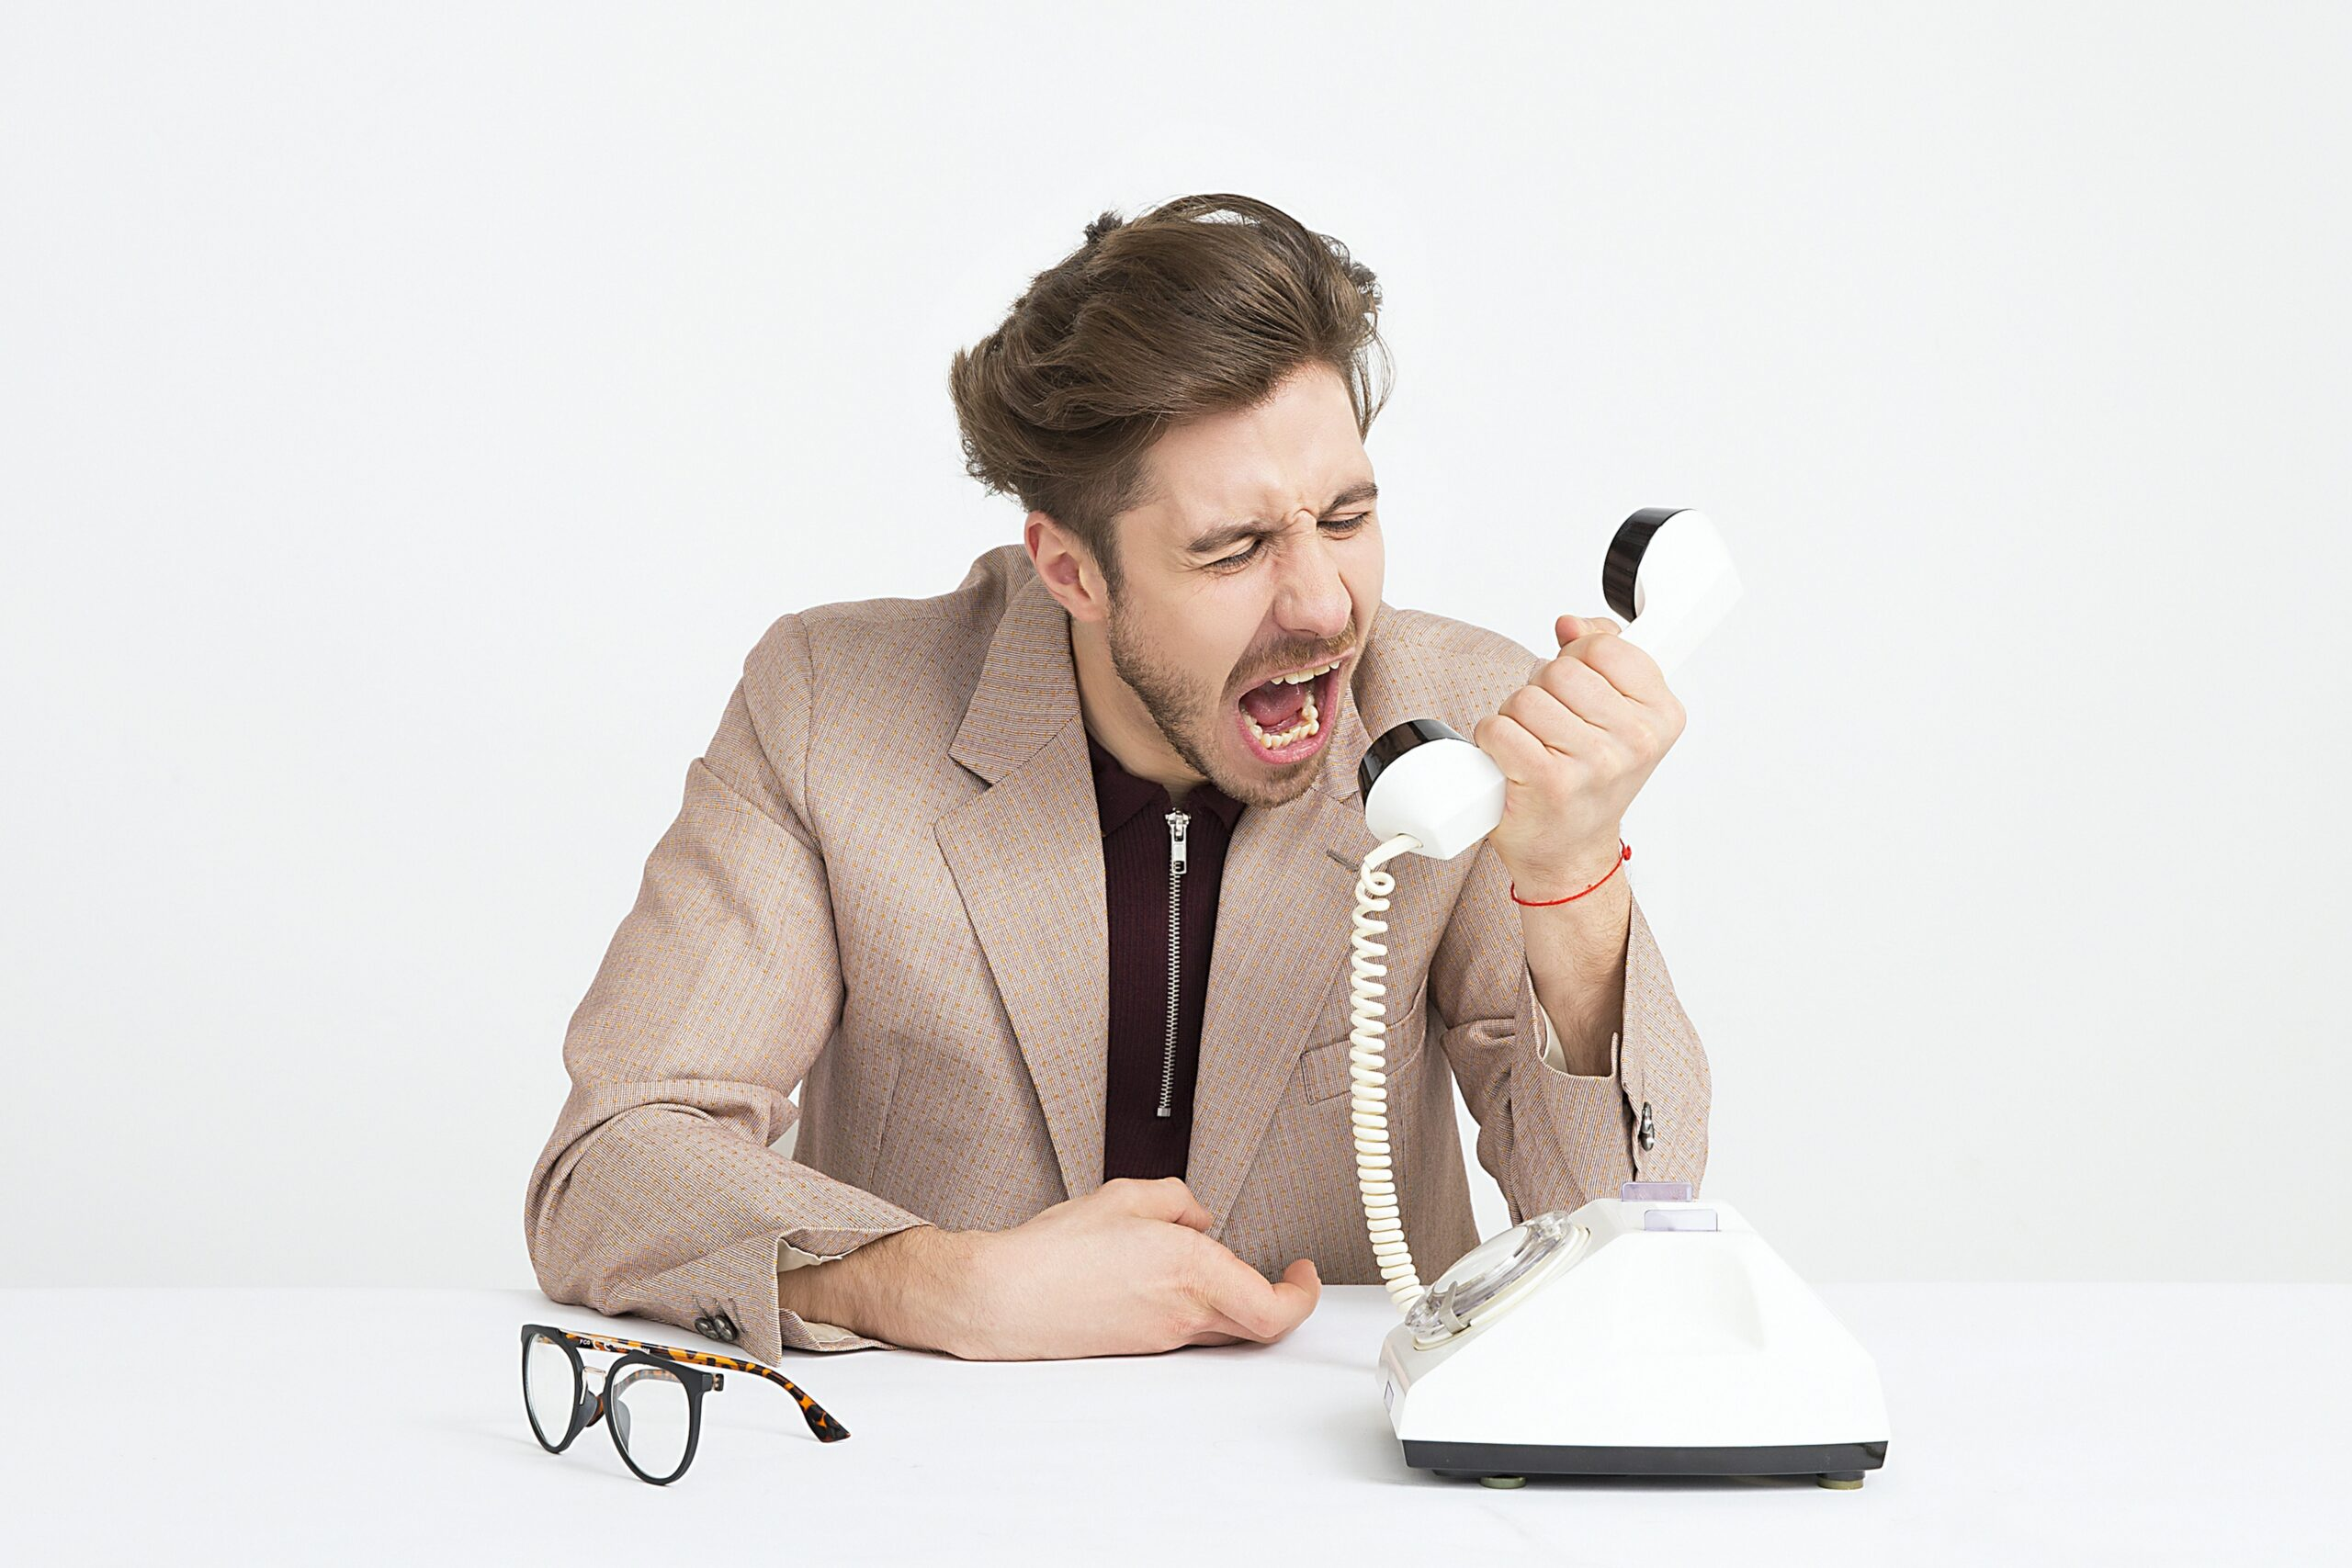 電話に叫ぶ男性